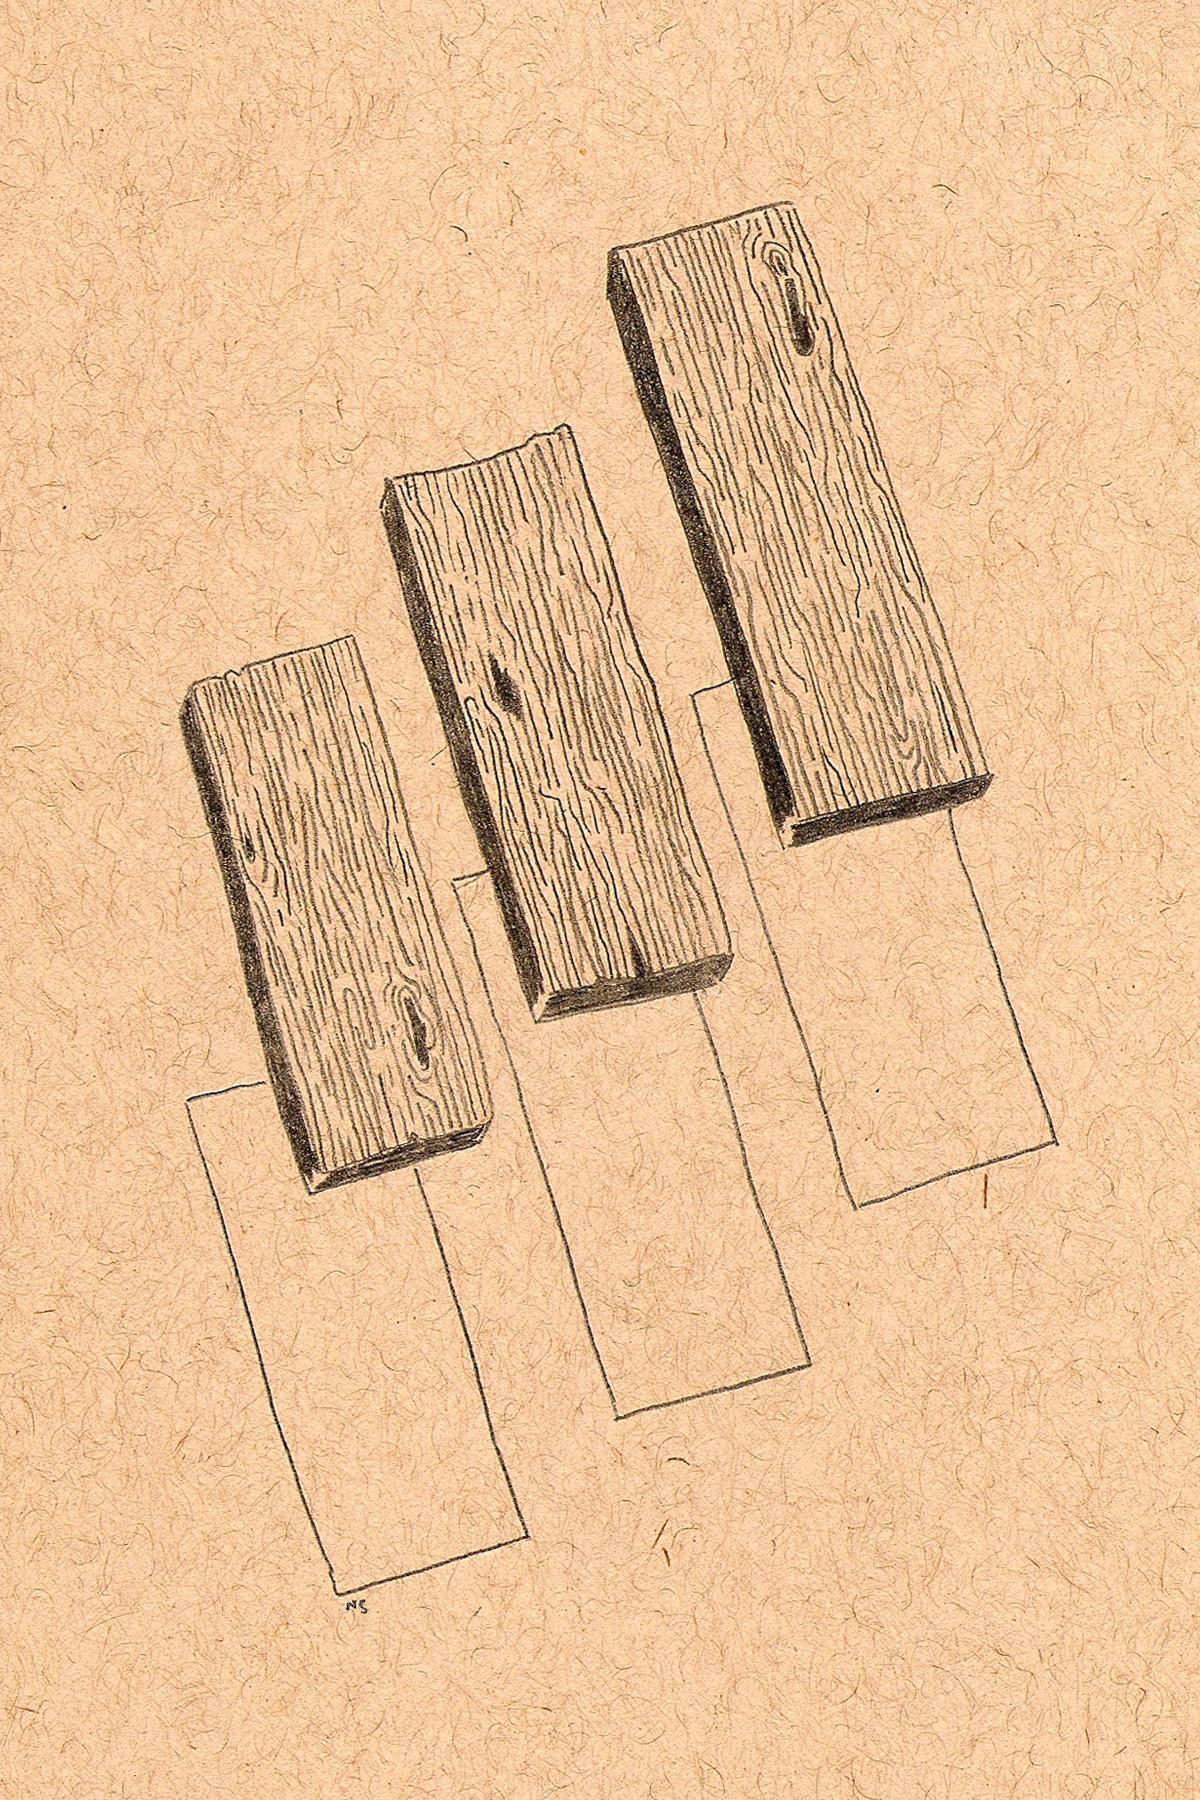 Sketchbook Page_12.jpg